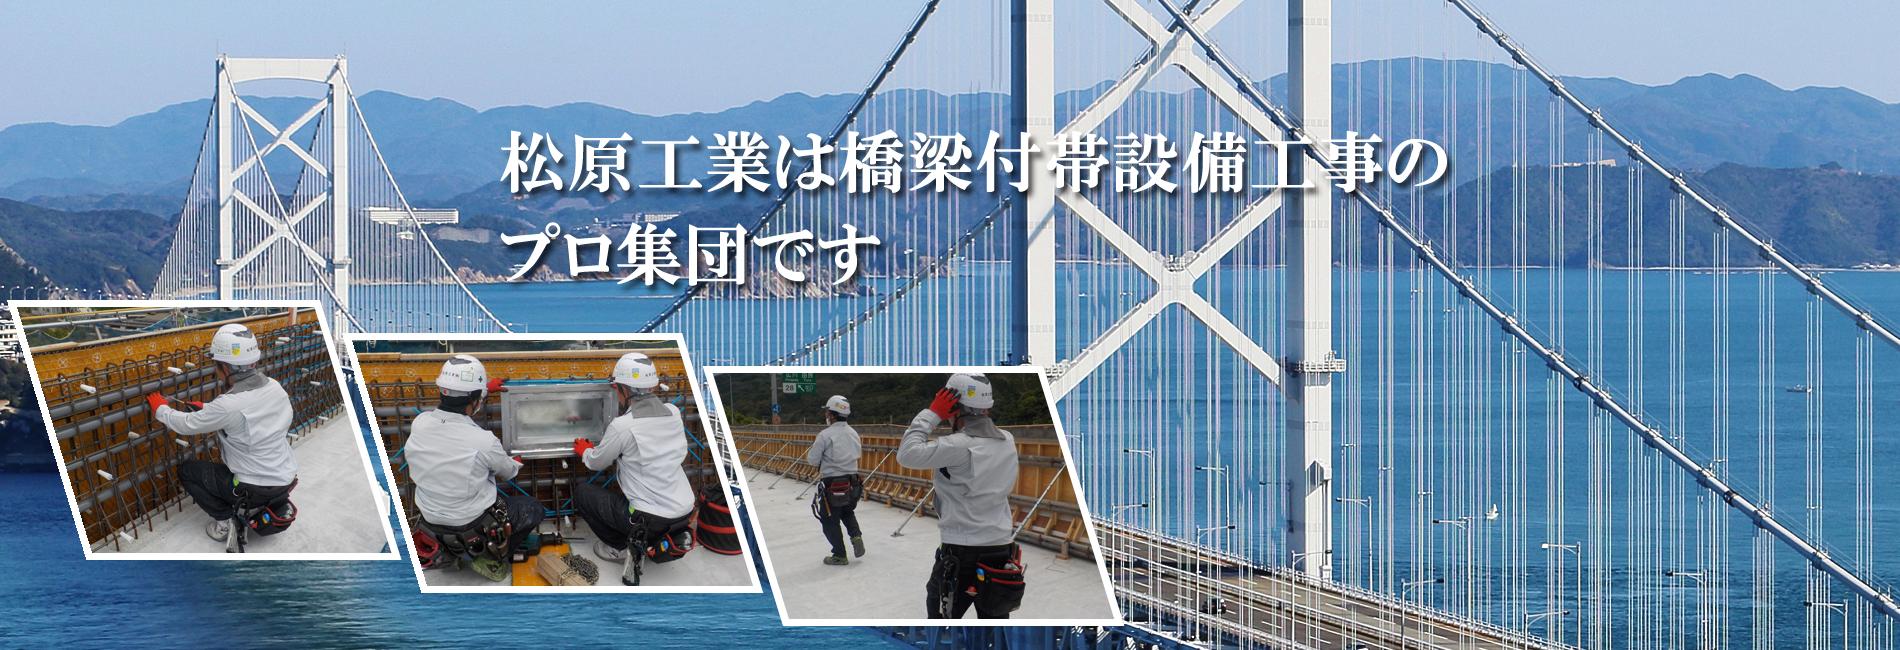 橋梁の付帯設備工事のプロ集団